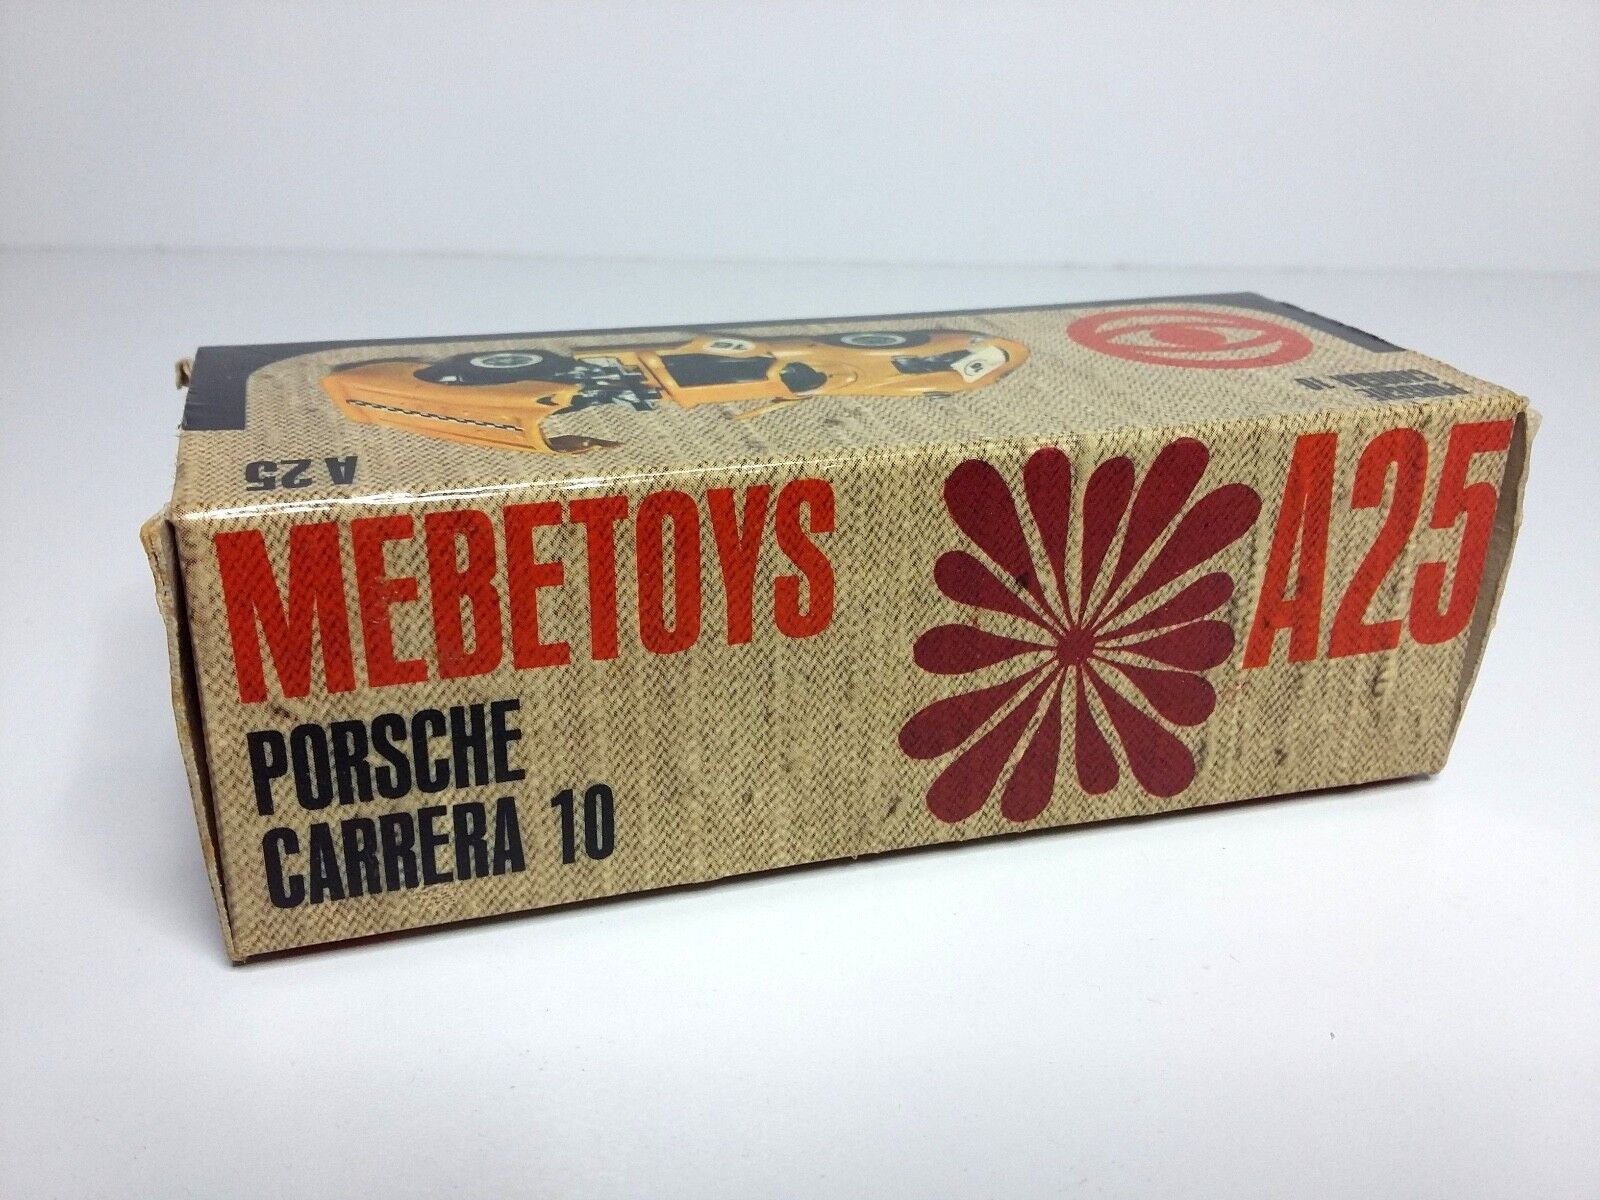 1 43 MEBETOYS A25 PORSCHE CARRERA 10 ONLY BOX